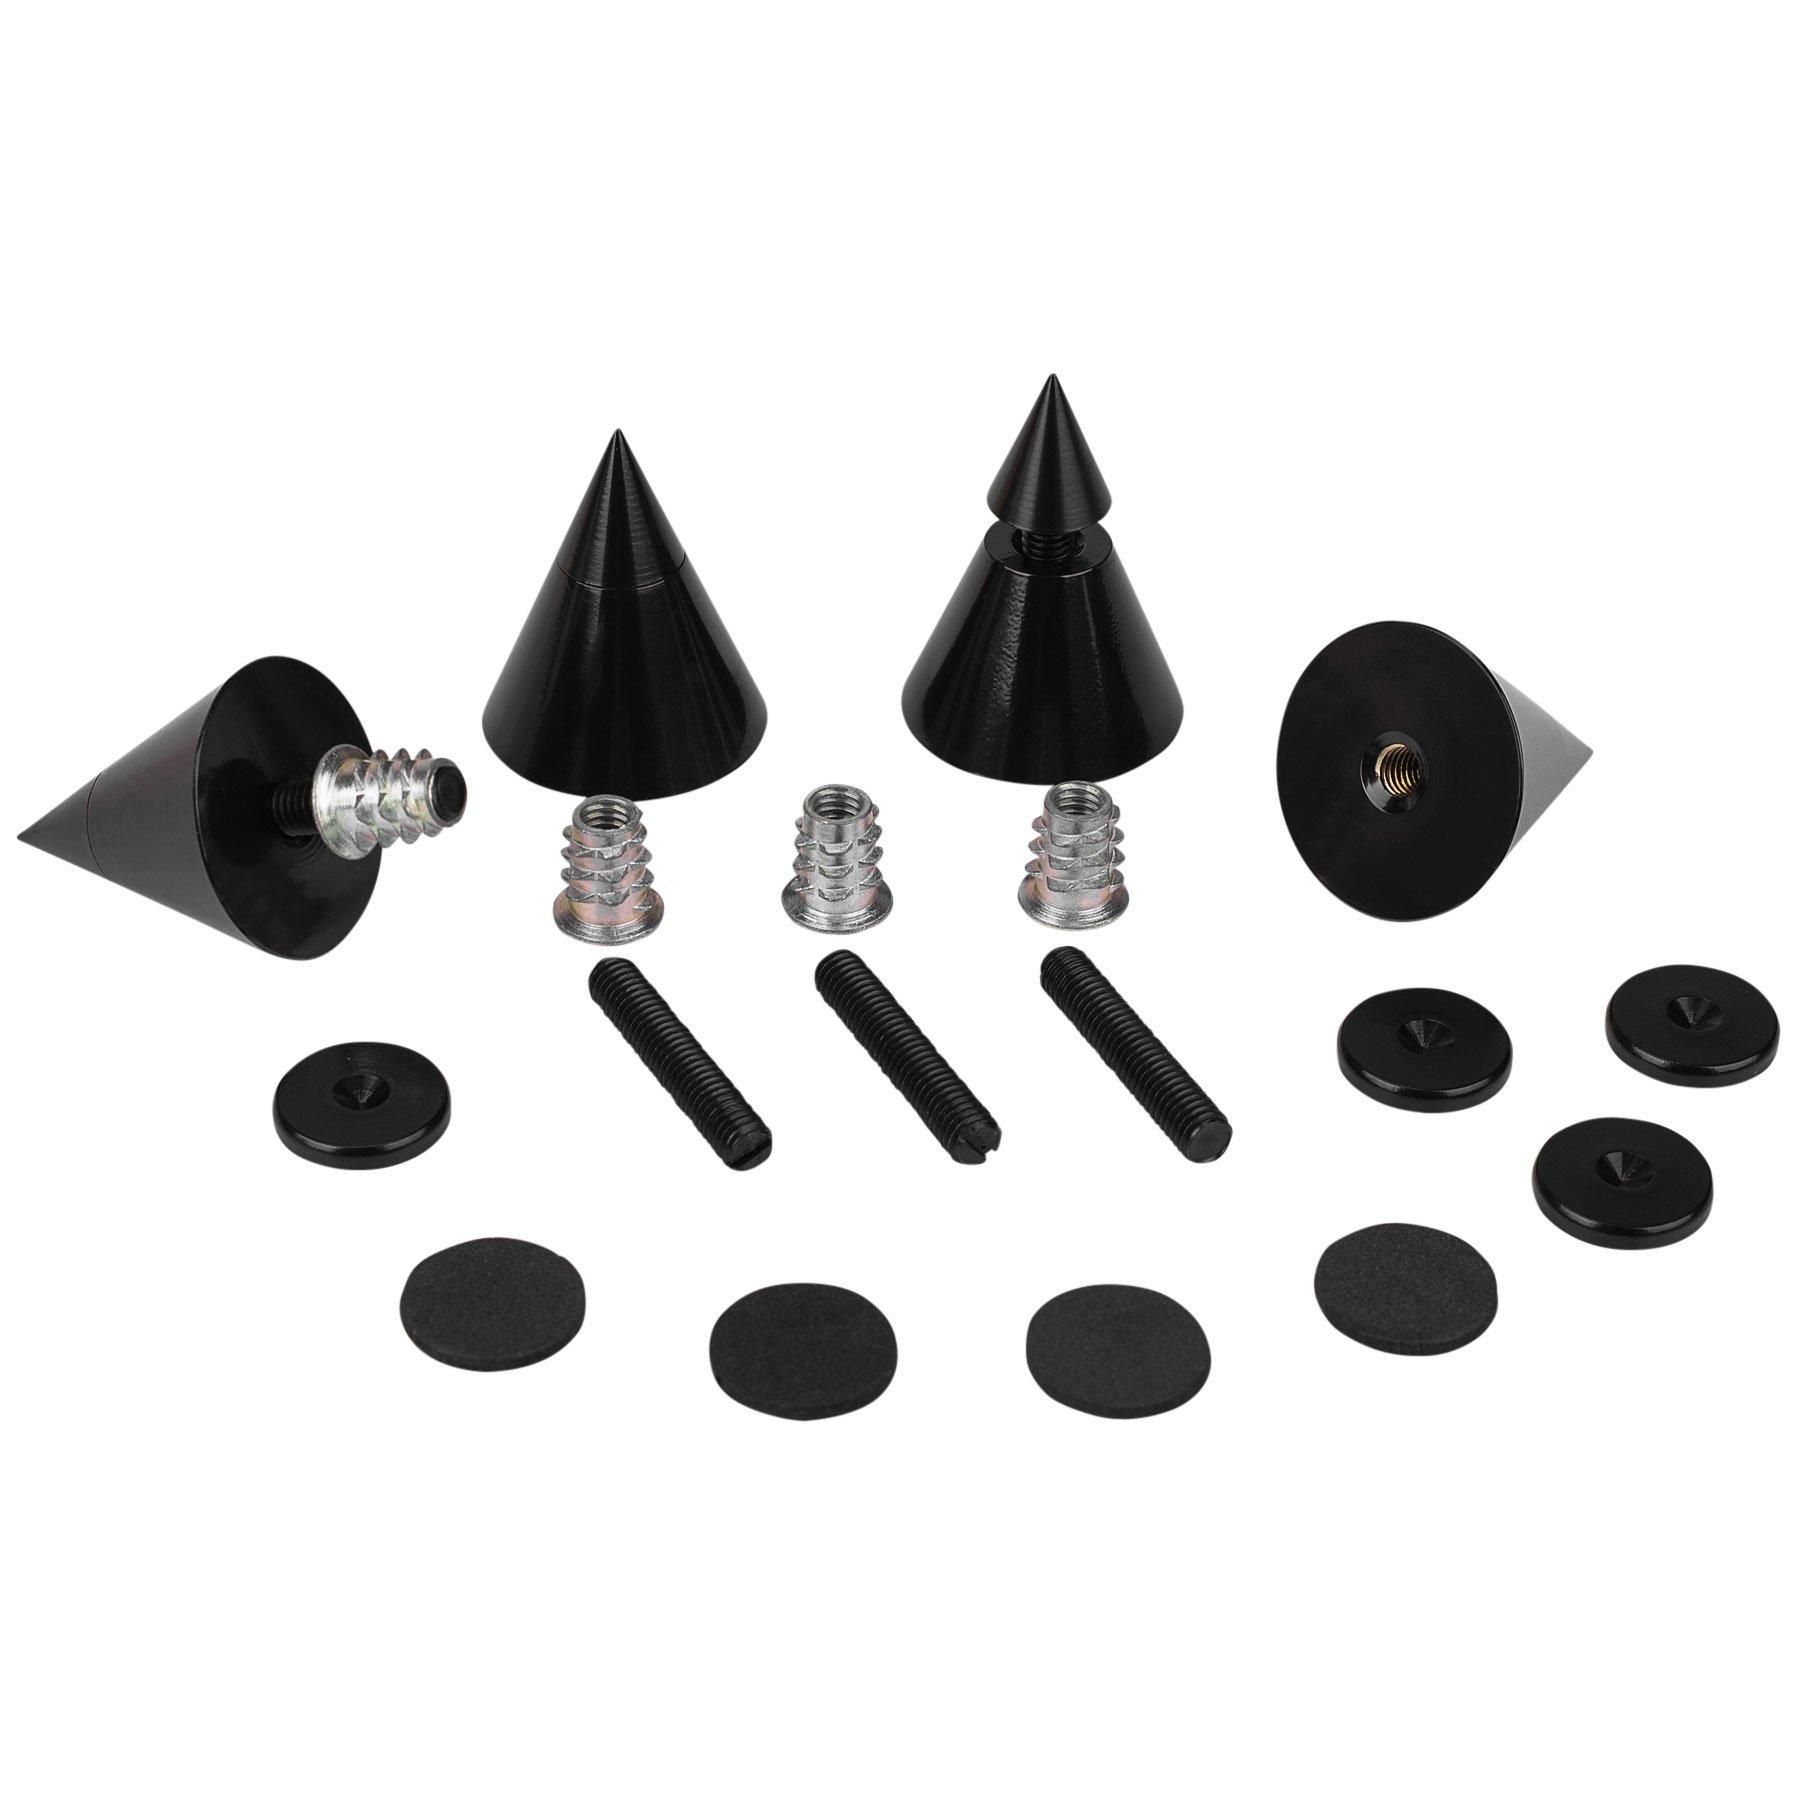 Dayton Audio DSS4-BK Black Speaker Spike Set 4 Pcs. by Dayton Audio